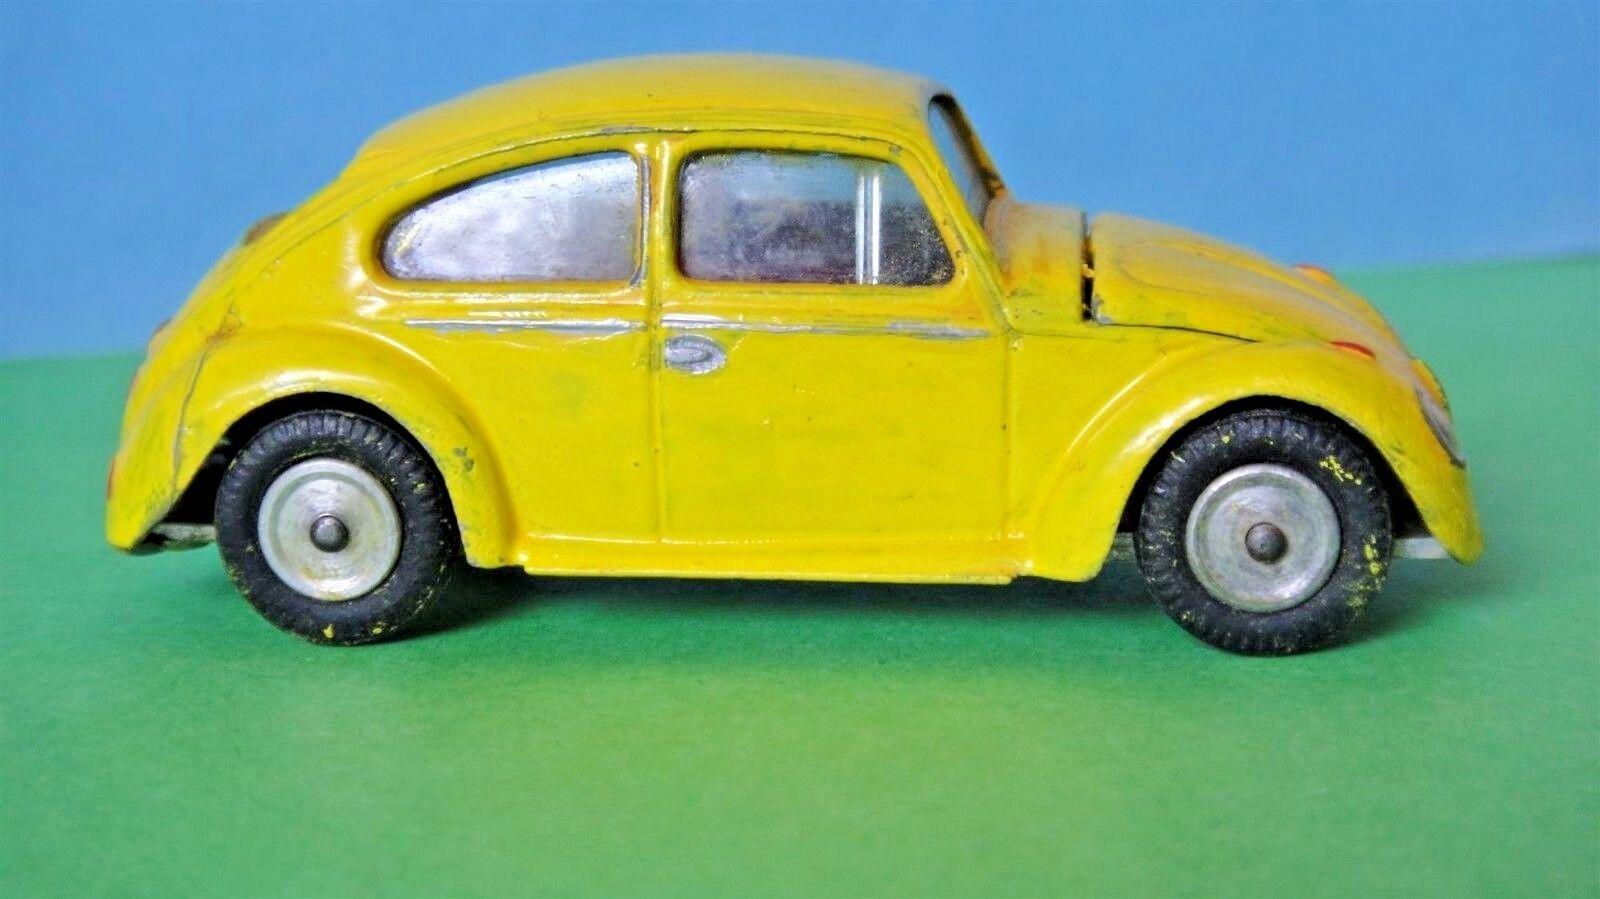 Jahr חיפושית Volkswagen 1200 Export - Gamda Koor Sabra Israel Modell no. 8117